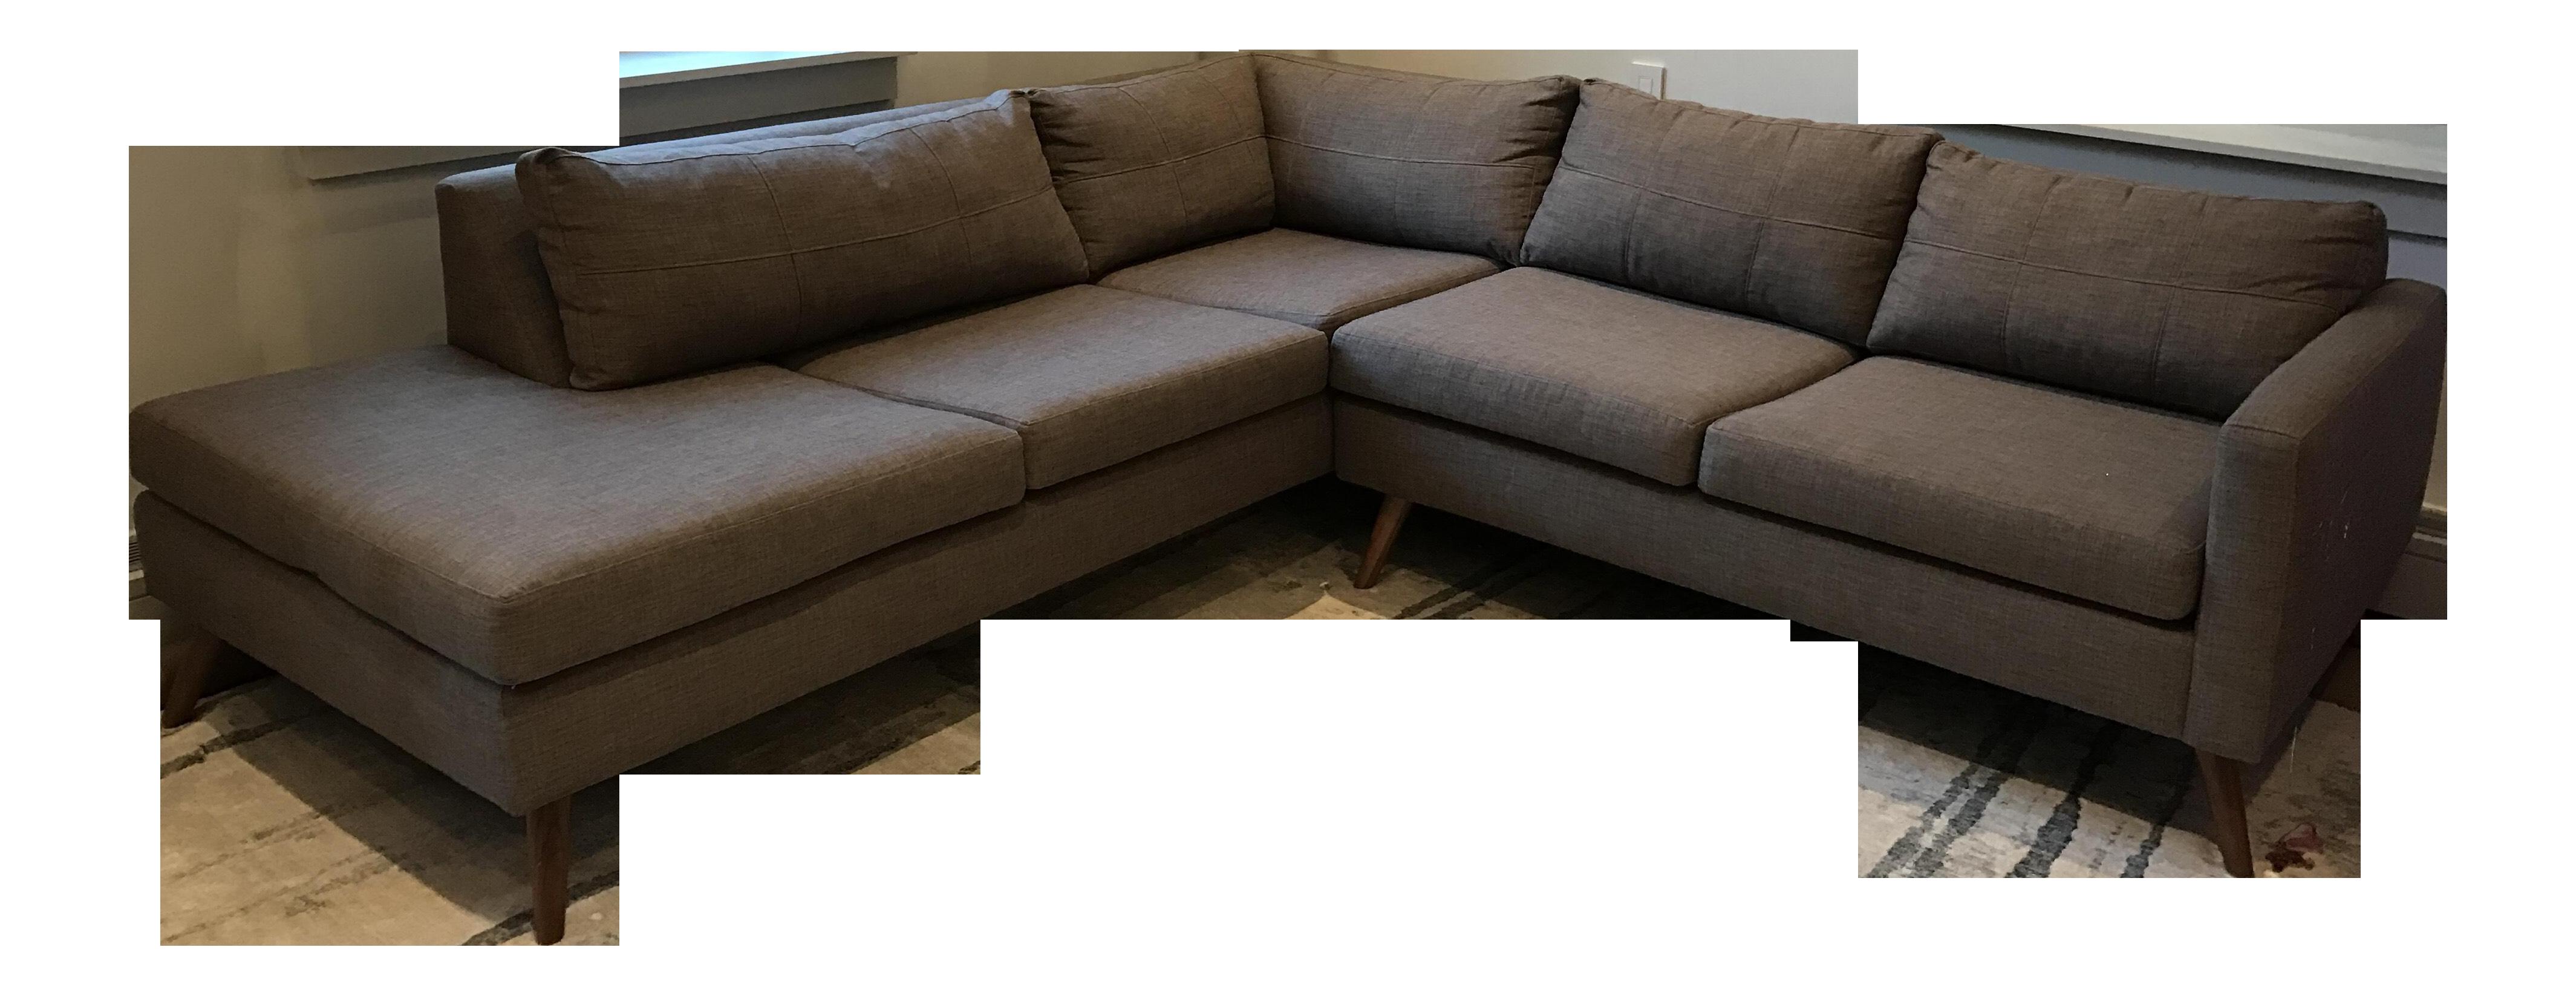 true modern dane sectional sofa with bumper  chairish - image of true modern dane sectional sofa with bumper